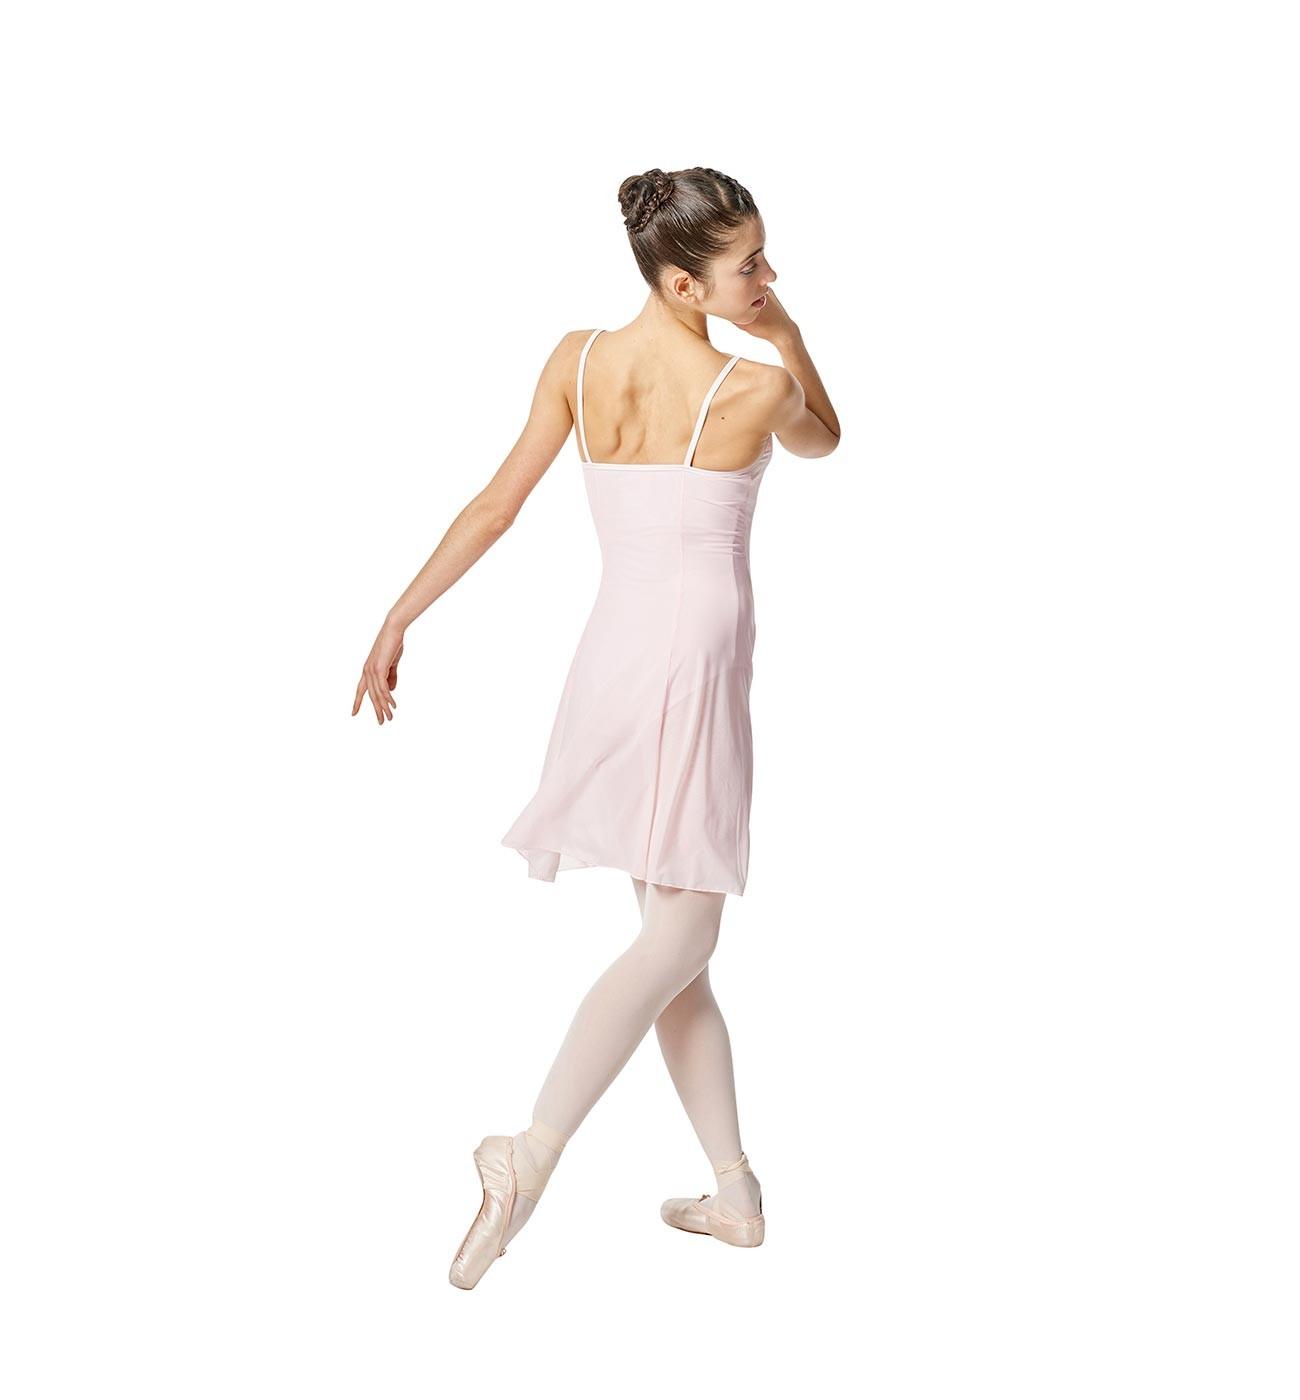 ורוד שמלת בלט Natalie של Lulli עם שמלת רשת שקופה LUB255